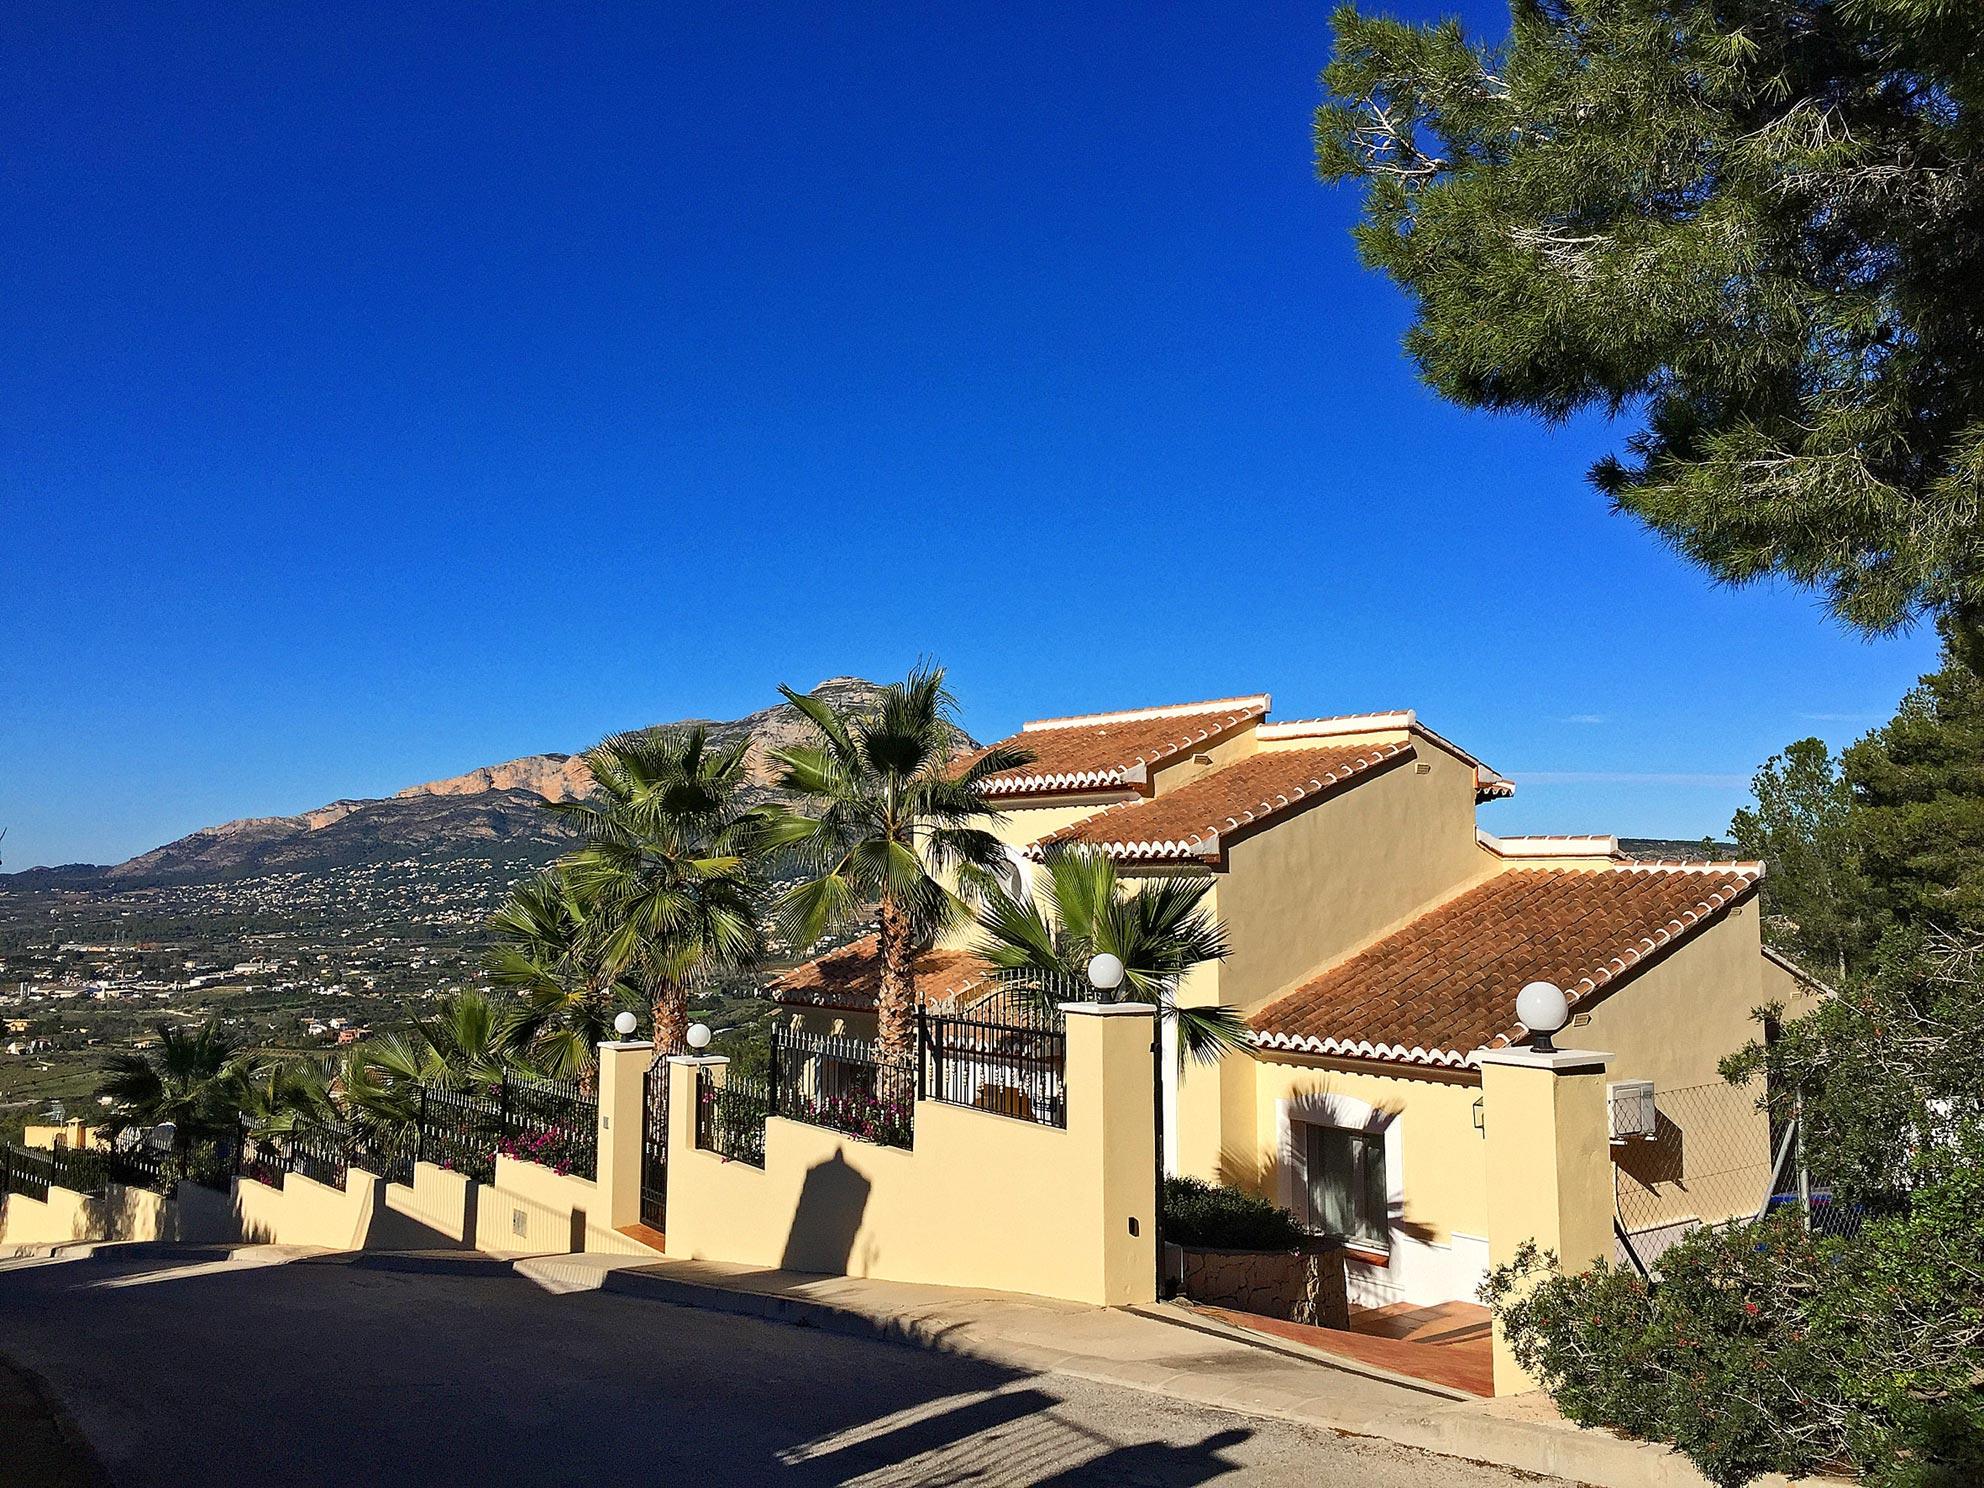 Vakantiehuis of villa in Javea Spanje huren?